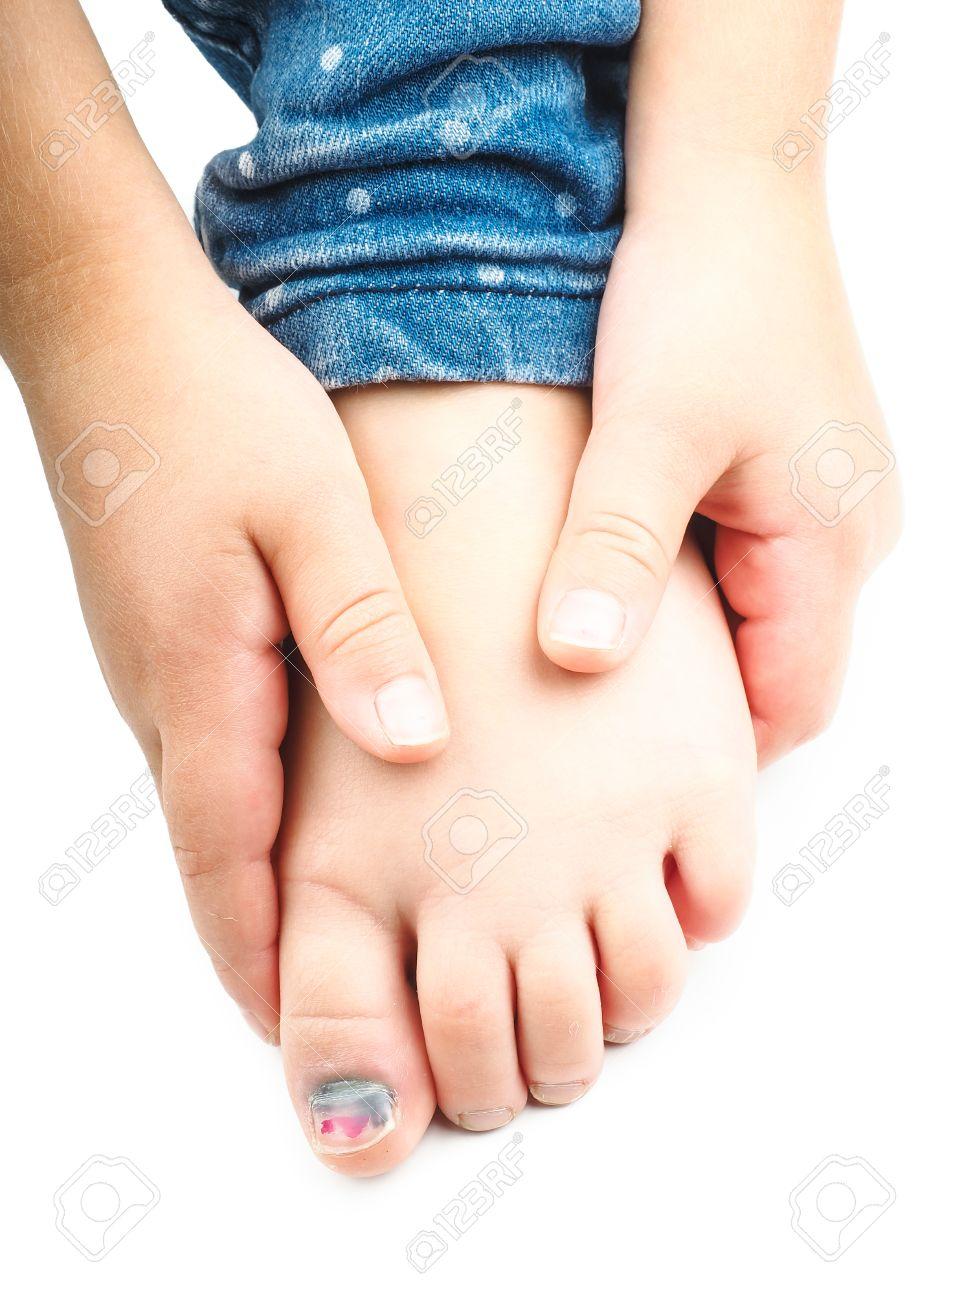 una lesion en el dedo gordo del pie